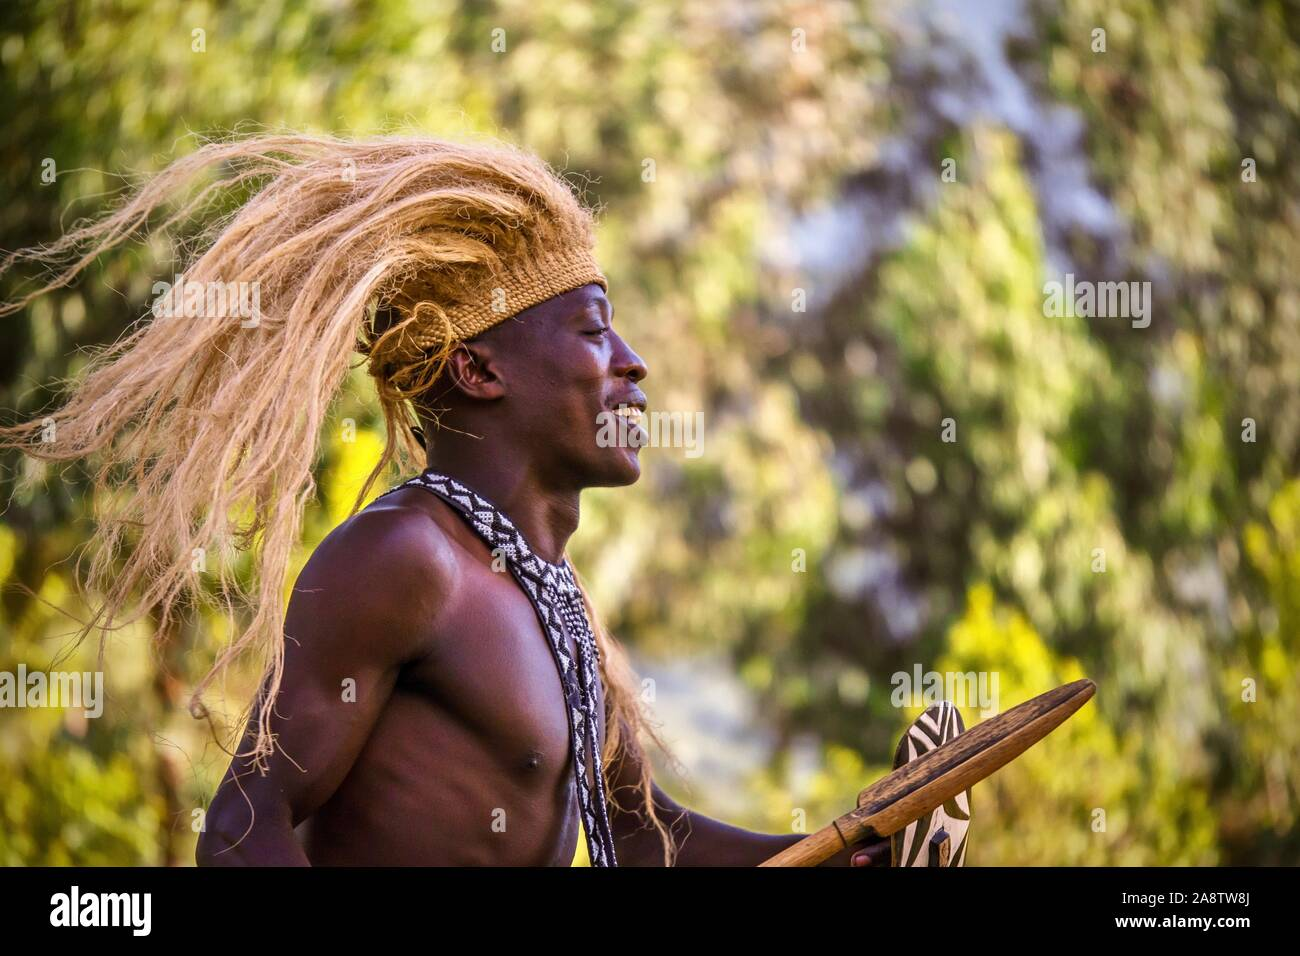 Parque Nacional de Los Volcanes (Rwanda) - Septiembre 20, 2015: Un hombre joven ruandesa está realizando una danza cultural para turistas, vistiendo un tradicional tribal h Foto de stock